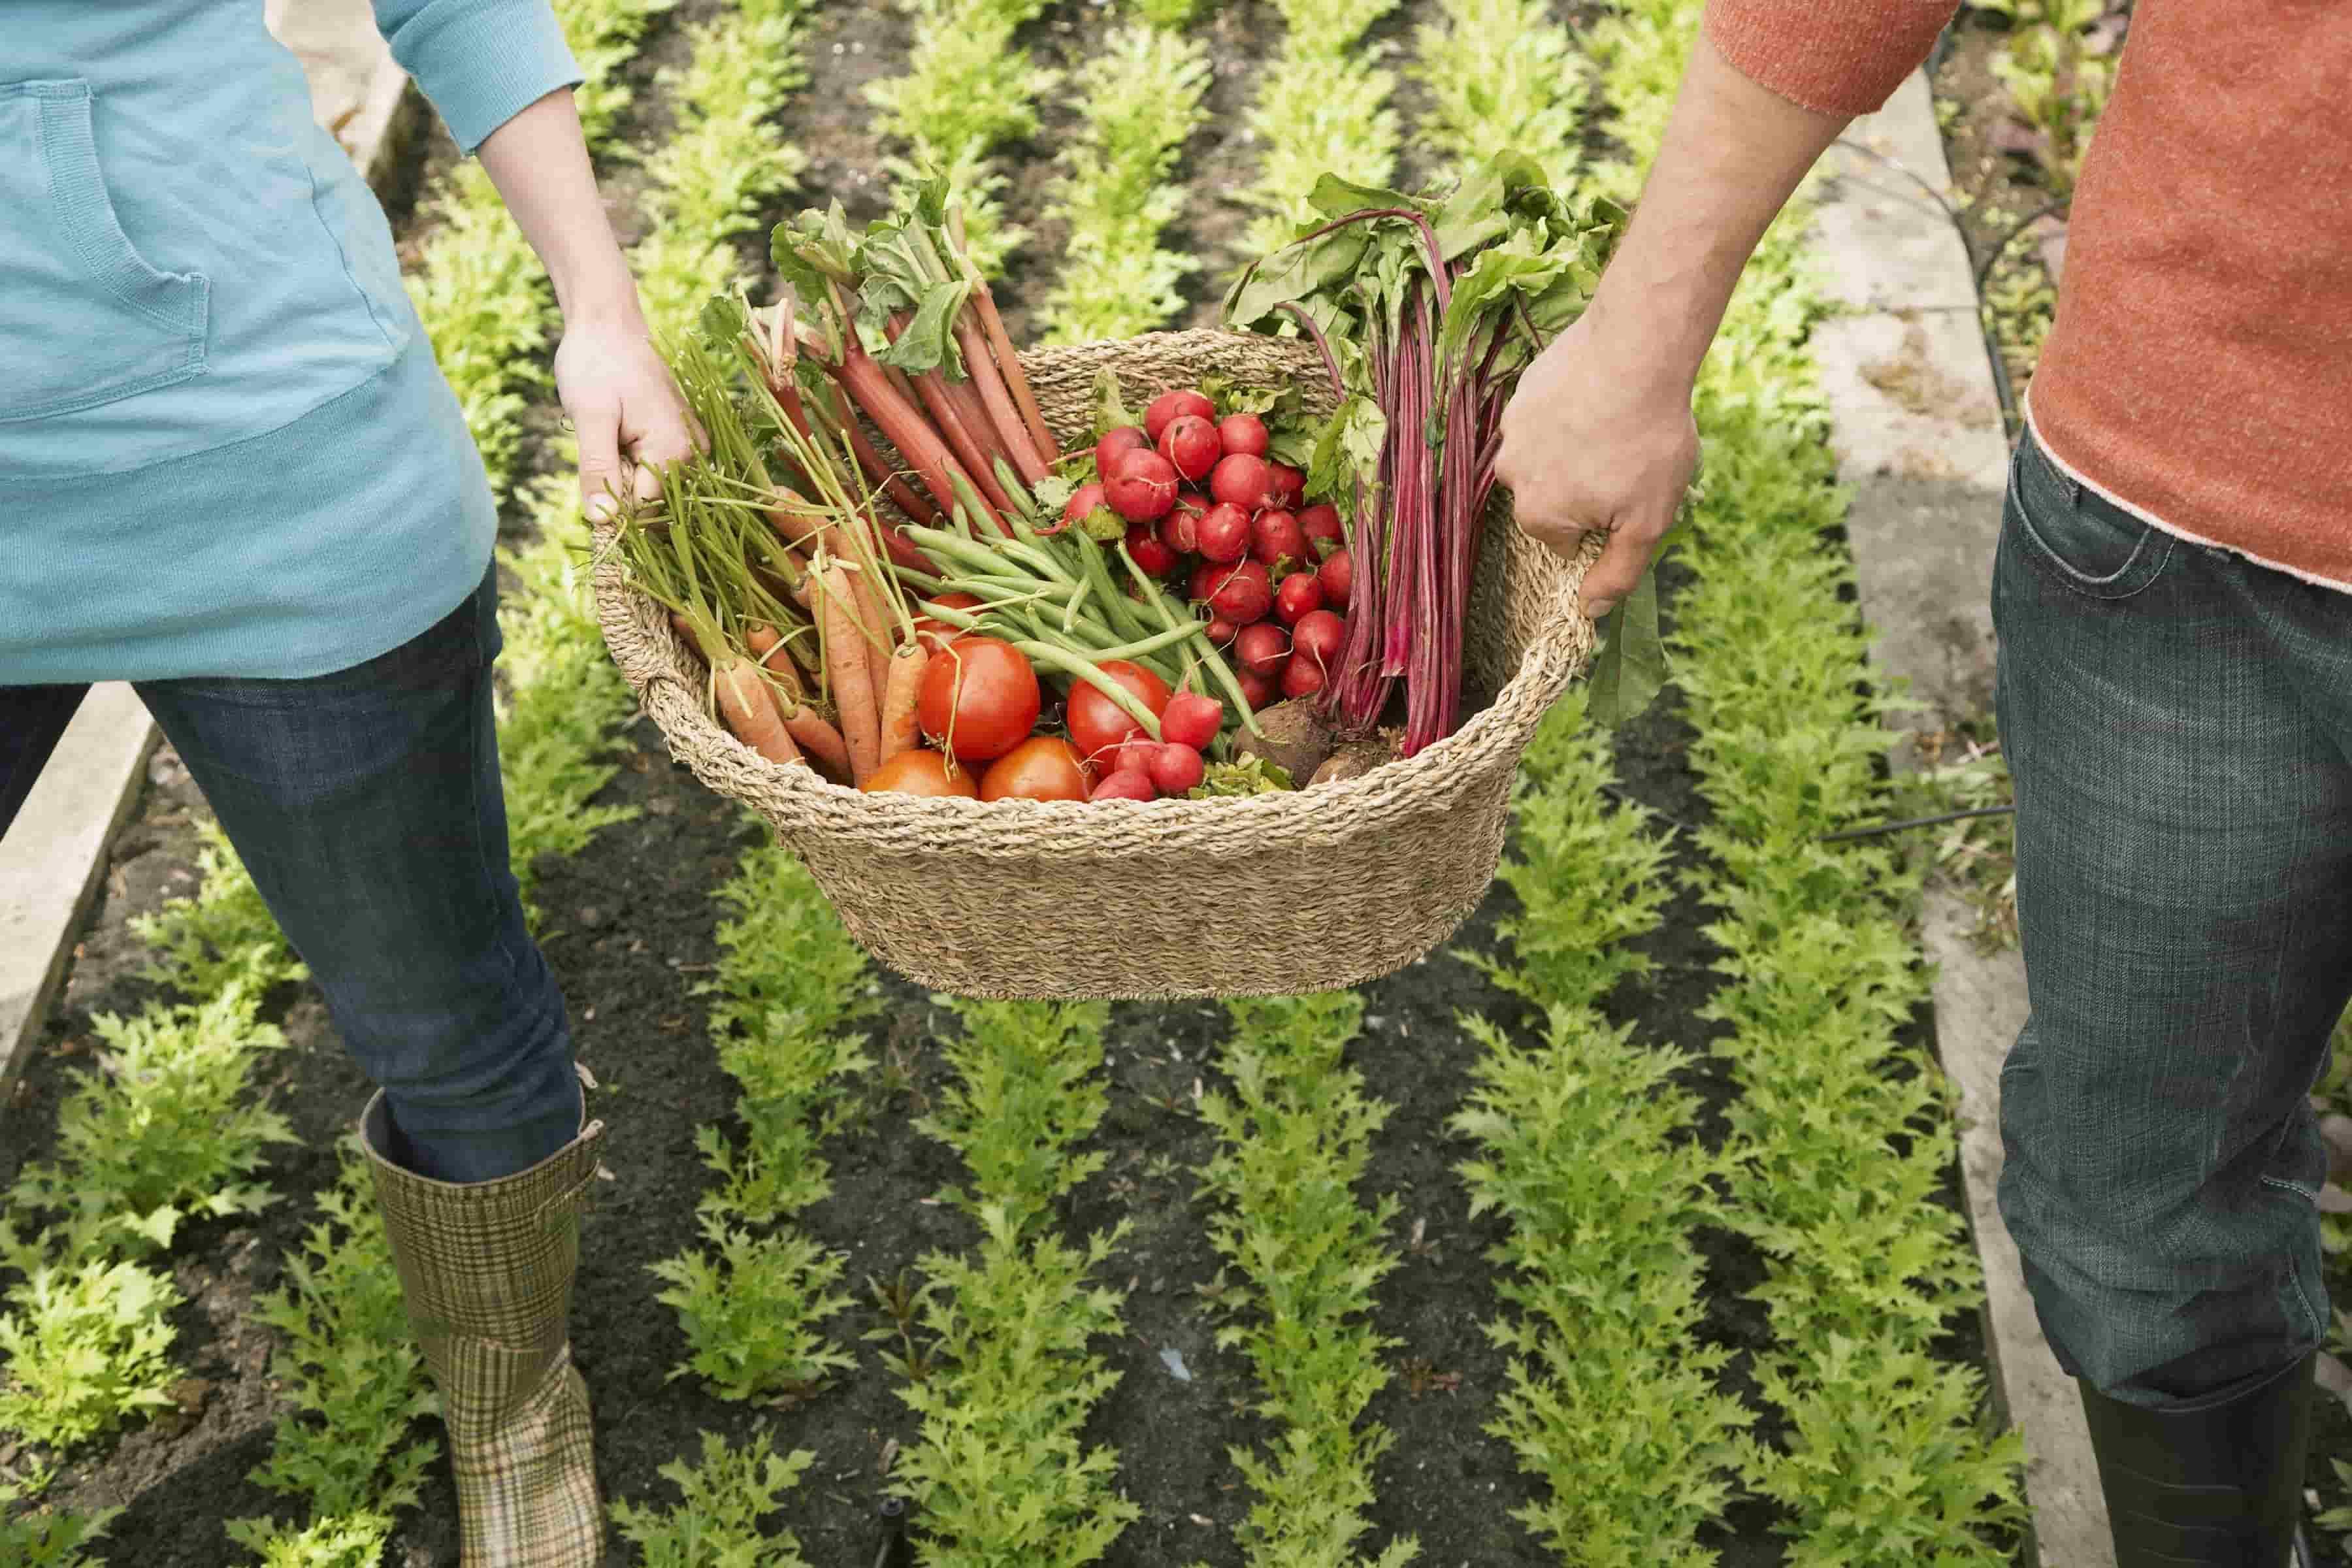 Storie di cibo e sostenibilità: 10 documentari sul food che dovresti vedere